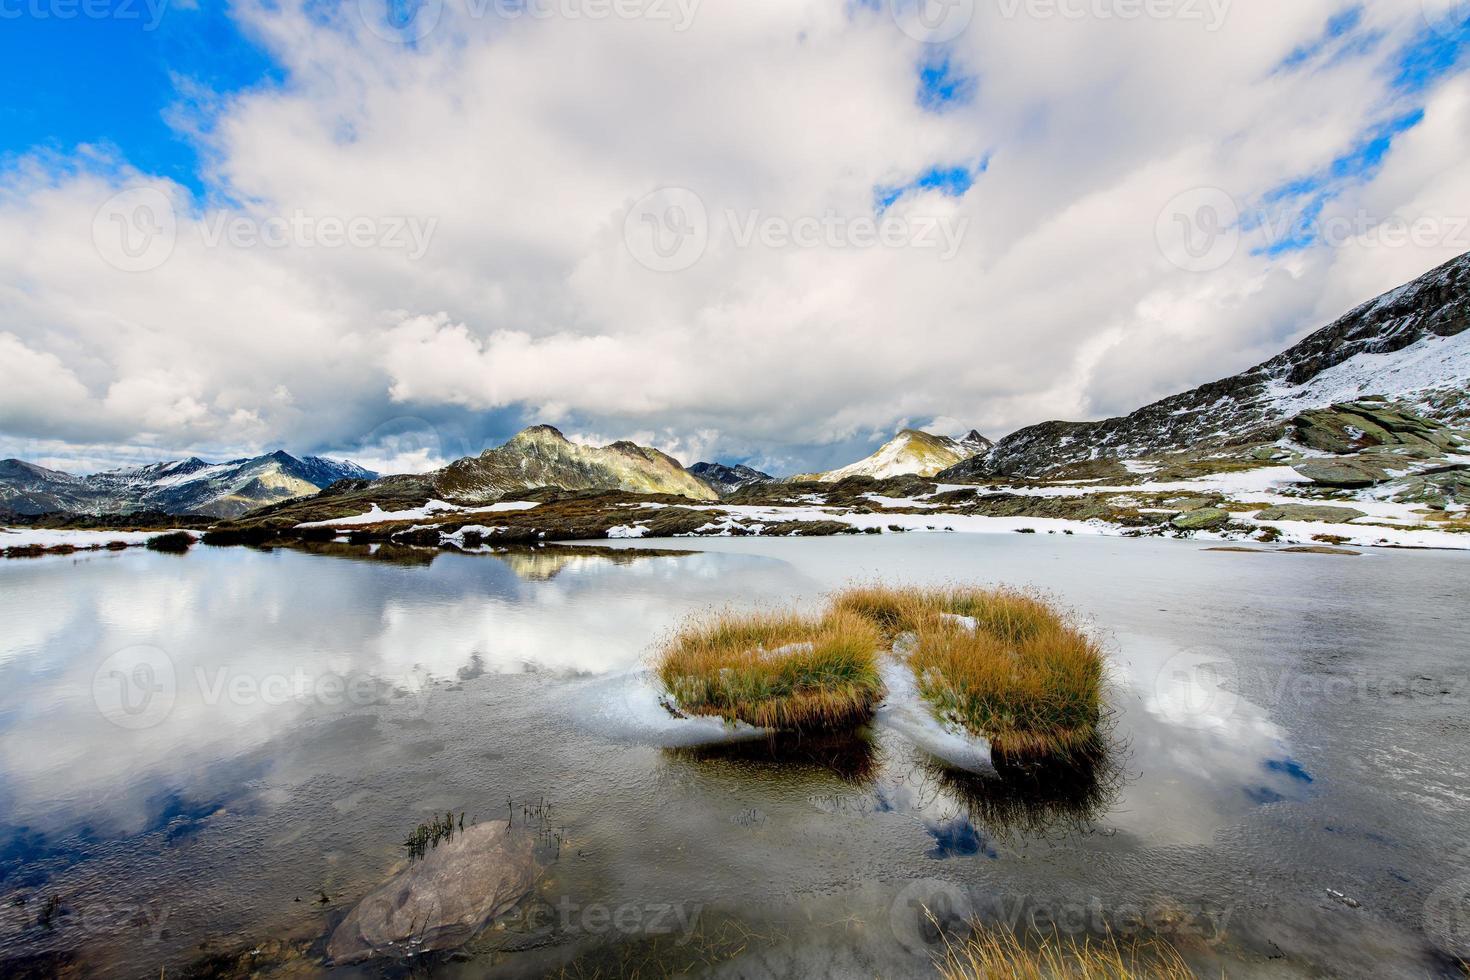 hebras de hierba dentro de un pequeño lago alpino foto